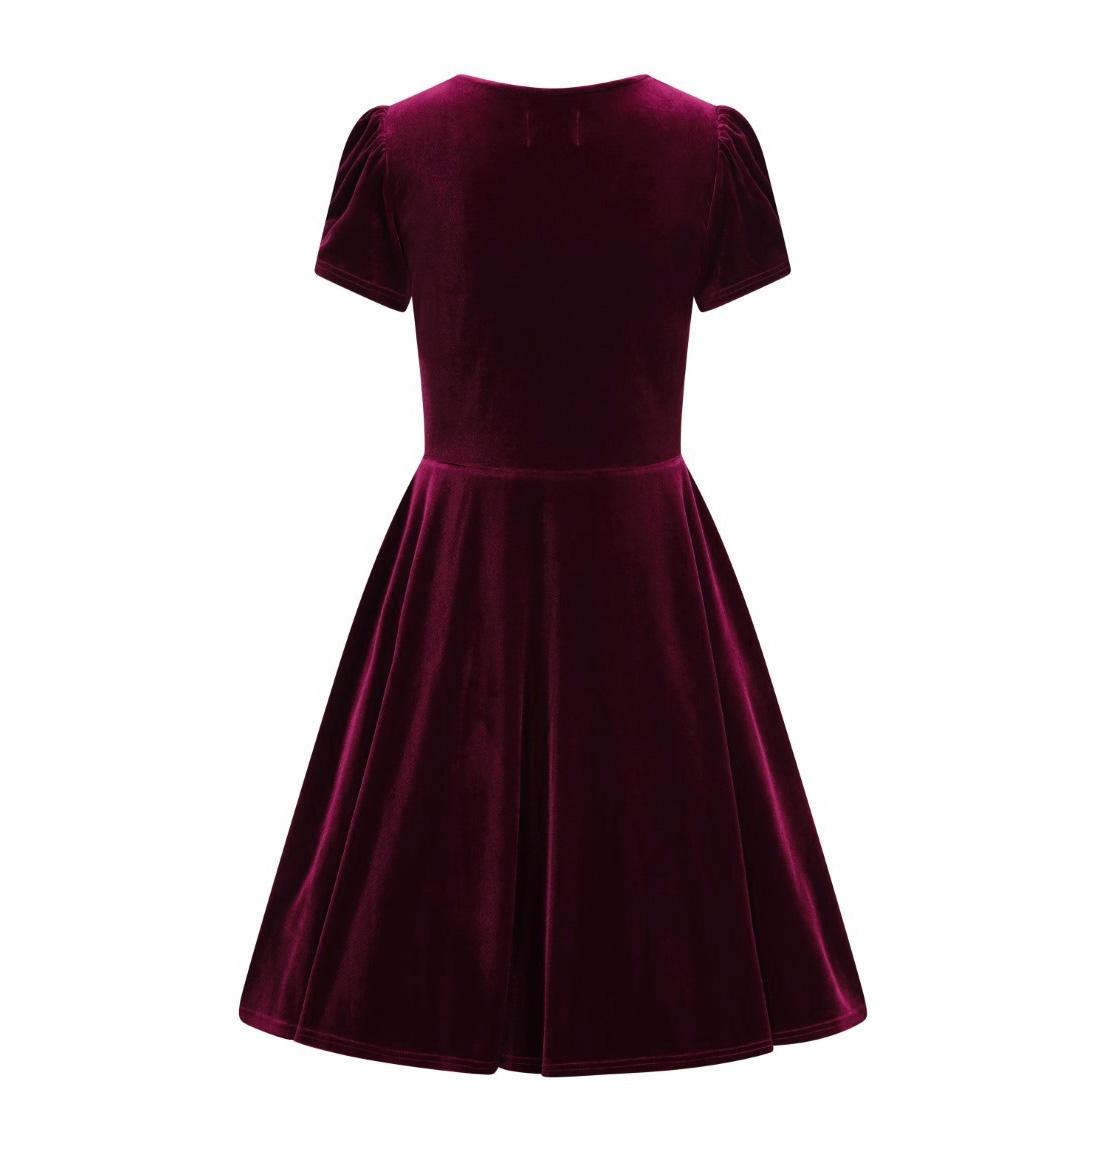 Hell-Bunny-40s-50s-Elegant-Pin-Up-Dress-JOANNE-Crushed-Velvet-Burgundy-All-Sizes thumbnail 19